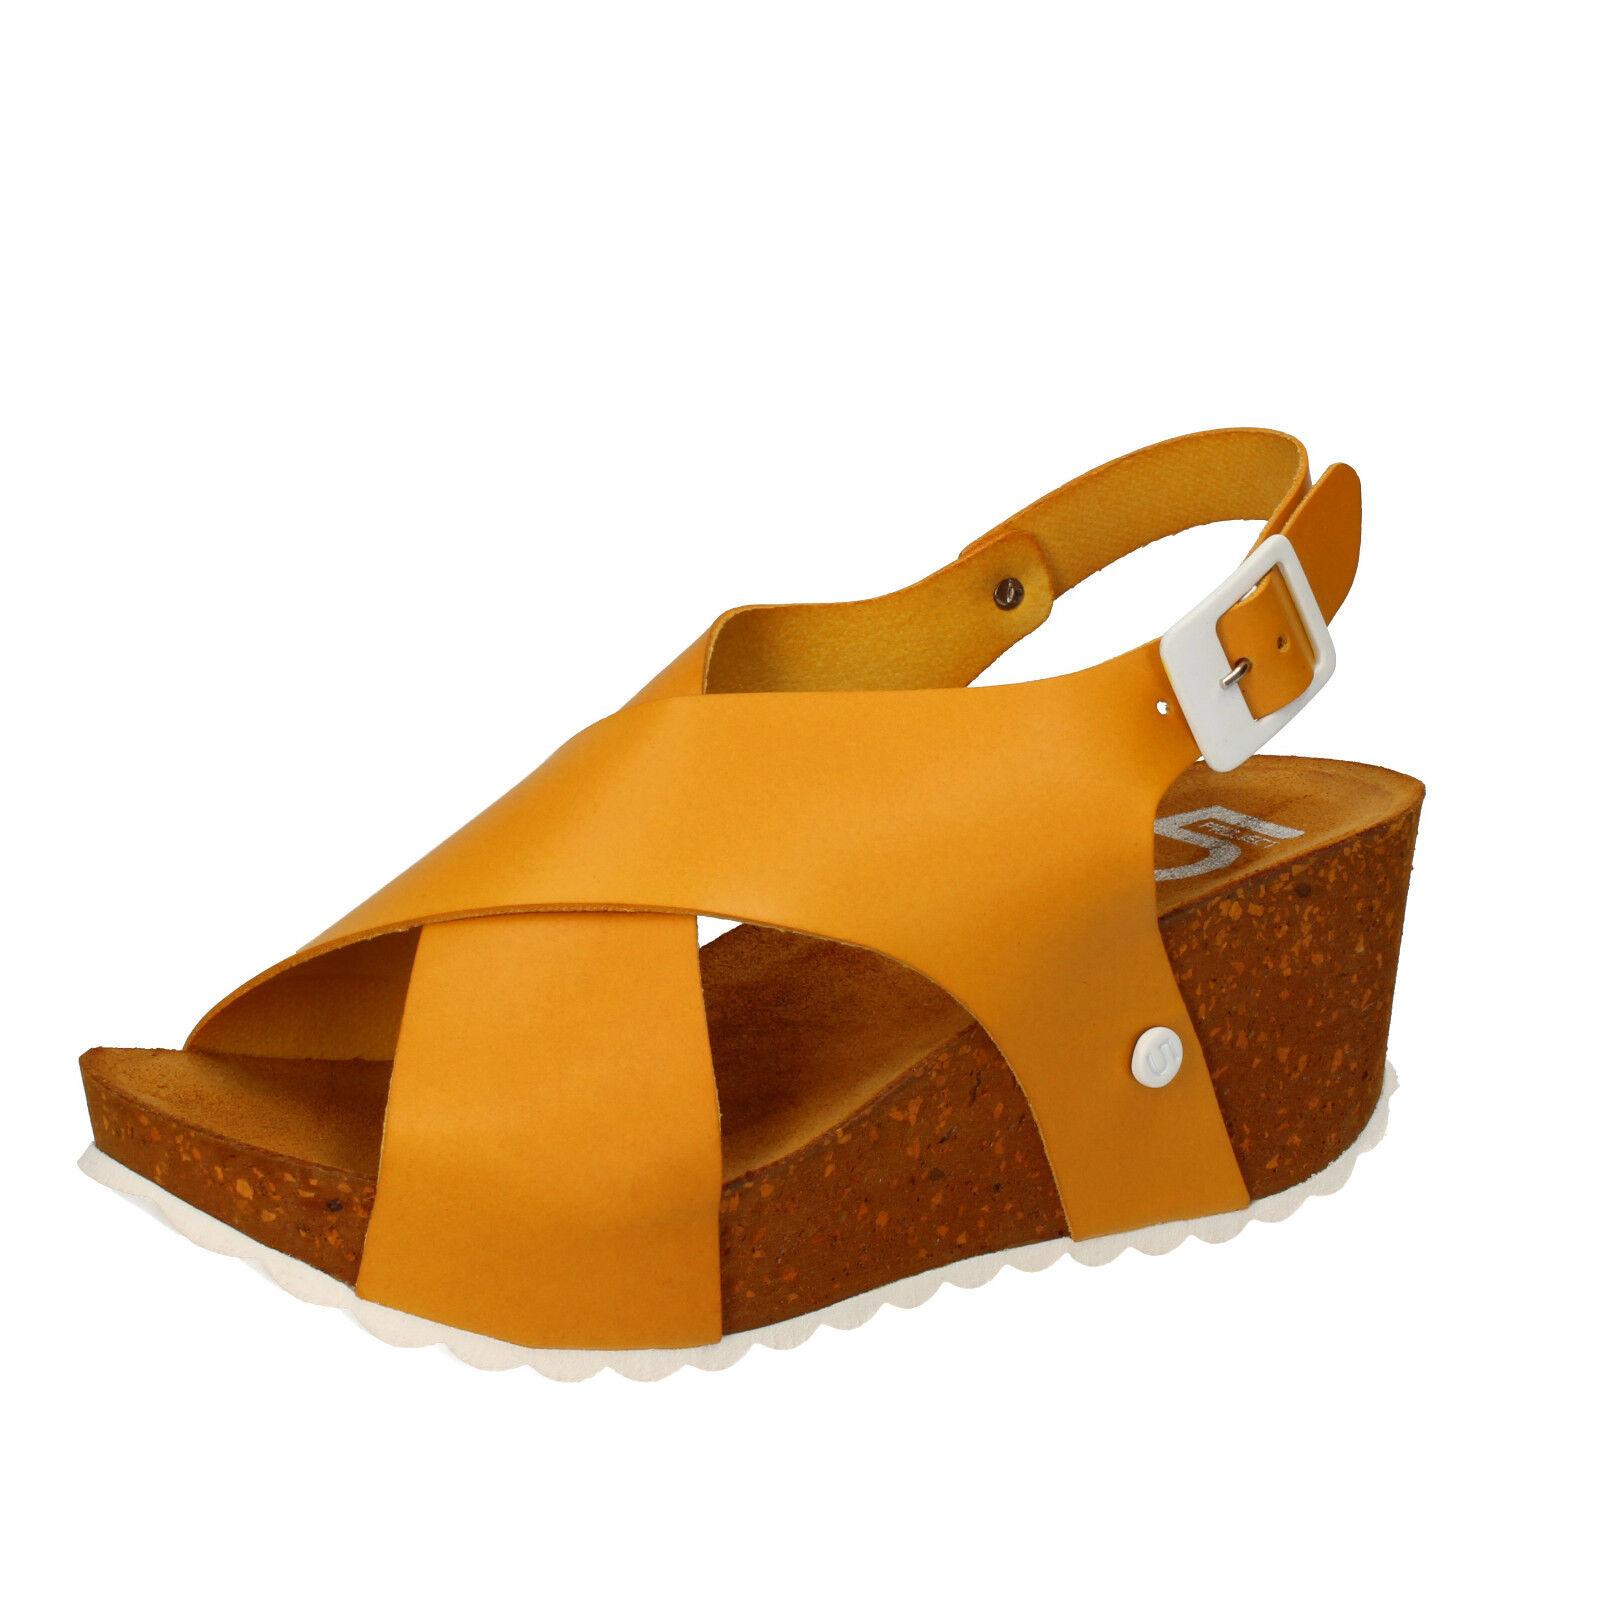 am billigsten Damen schuhe 5 PRO JECT 40 EU sandalen gelb